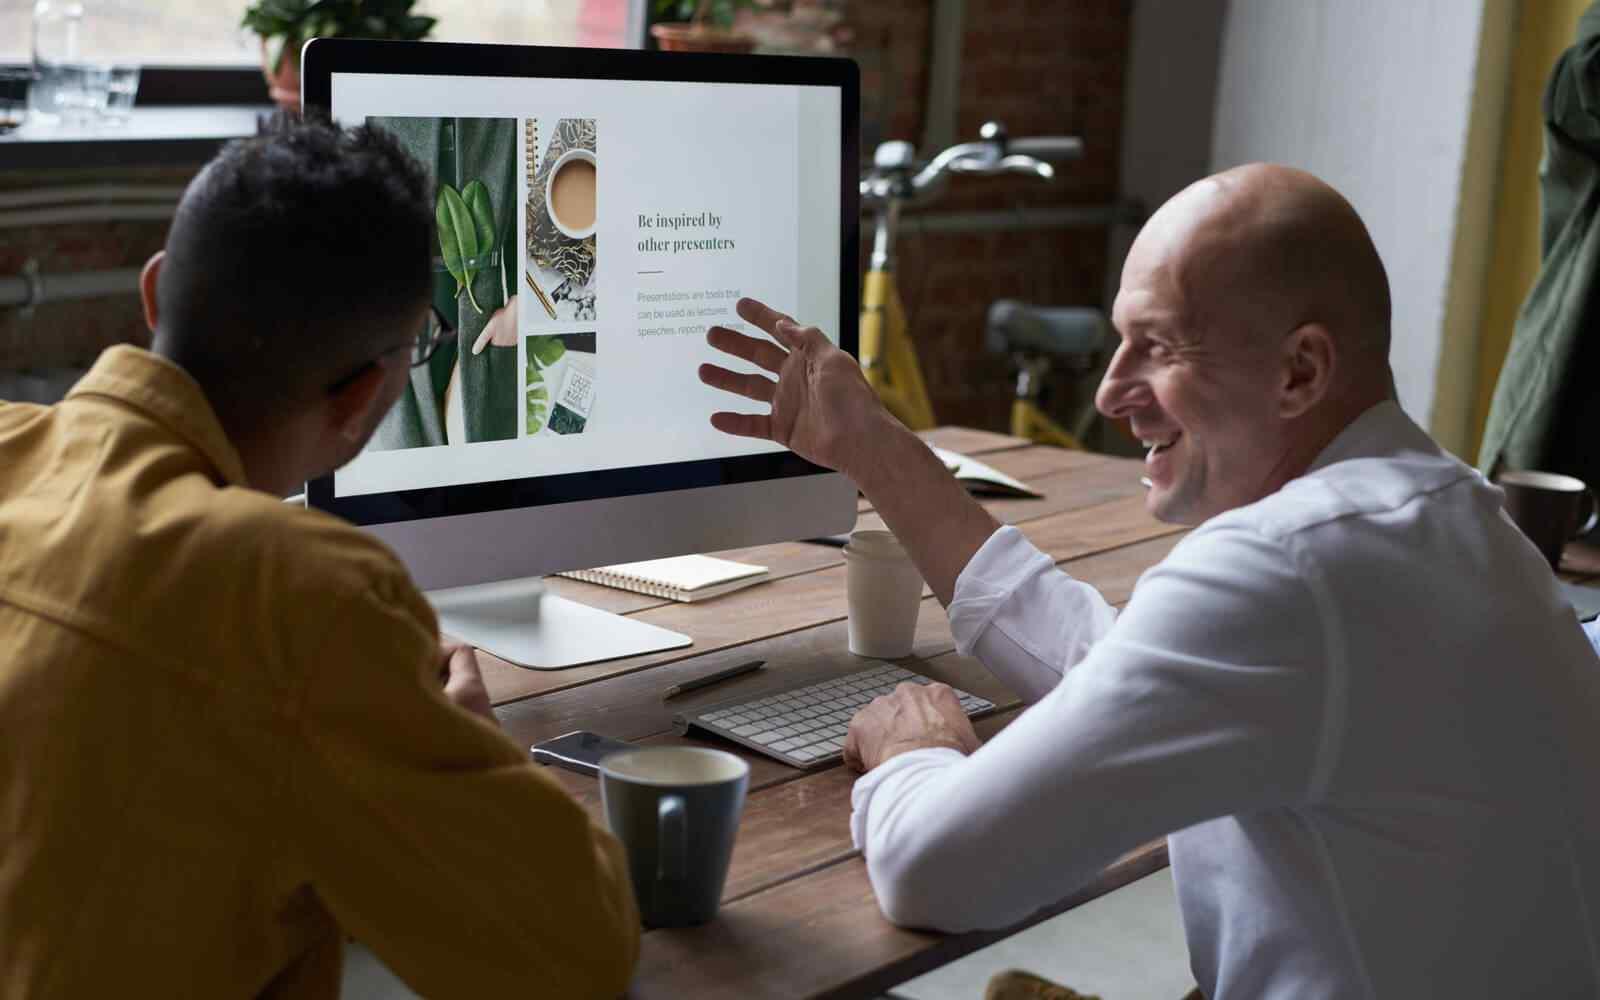 Consultant advising business on web design